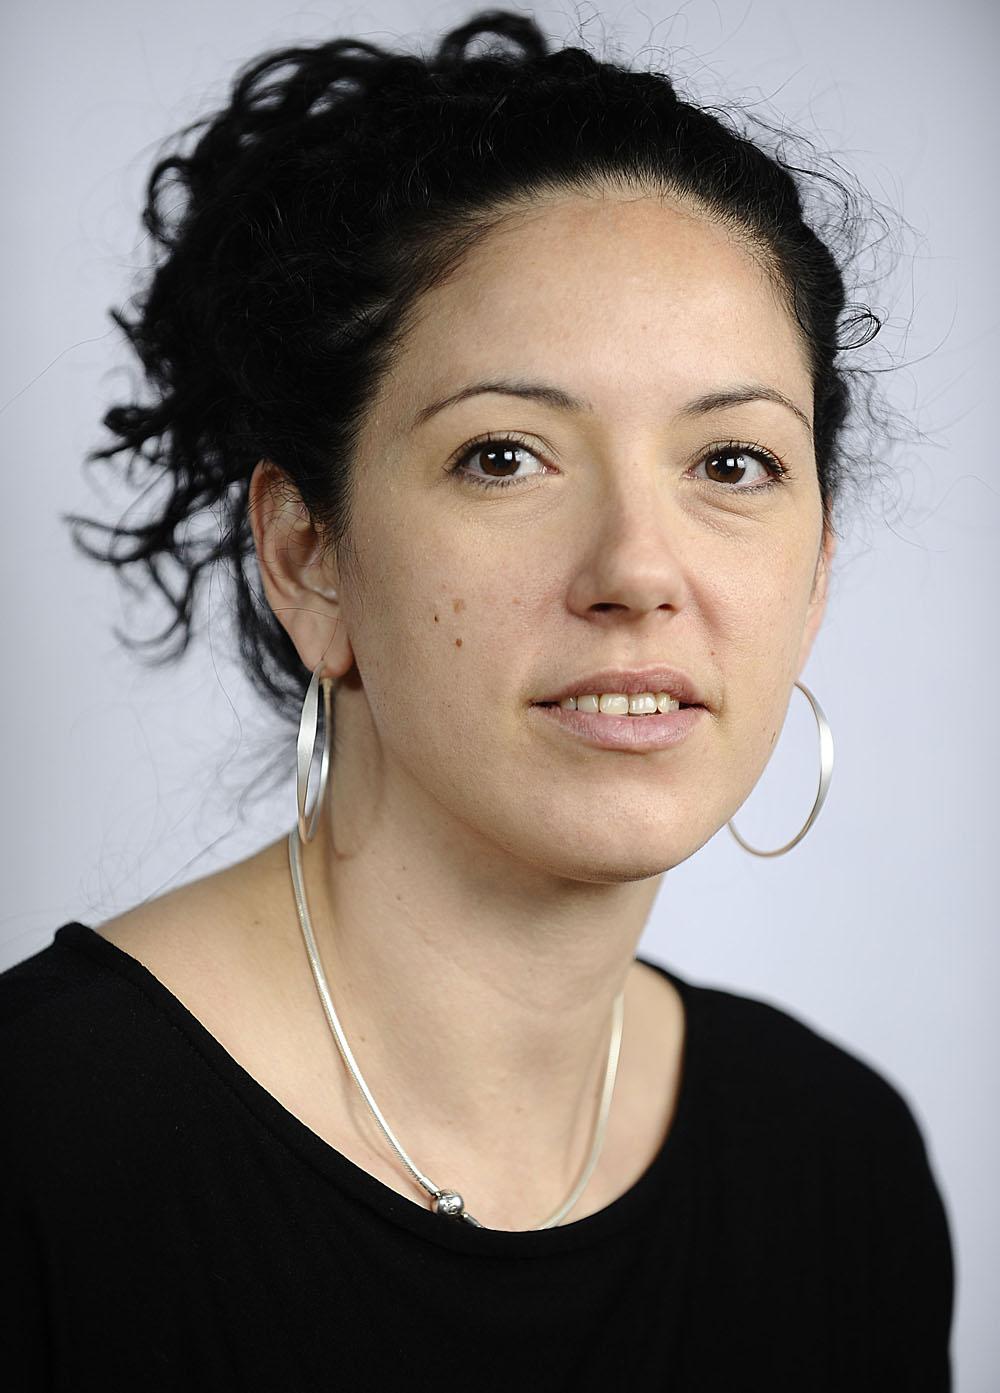 Ана Ђорђевић